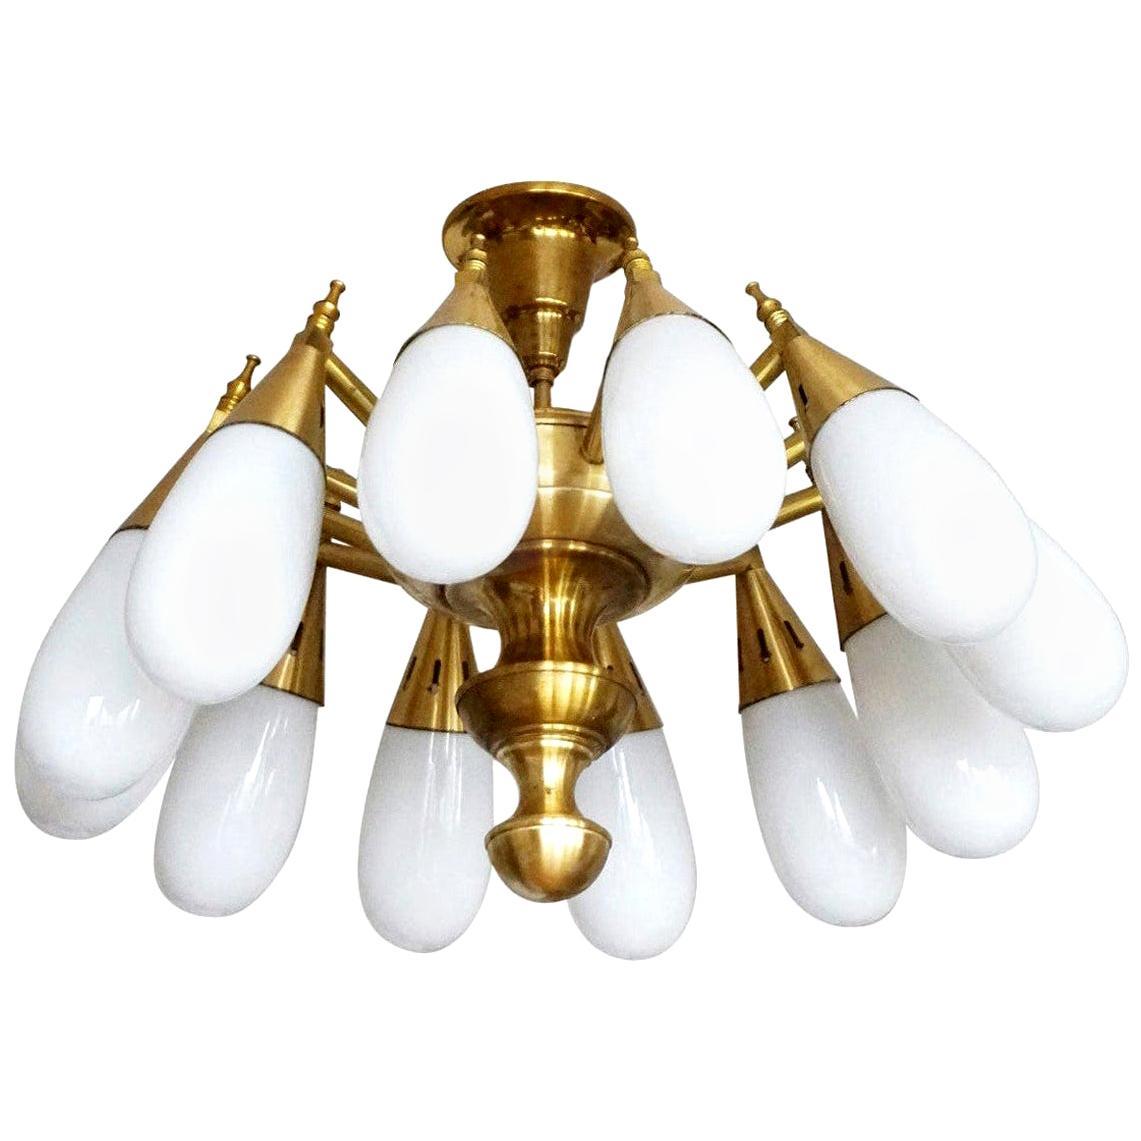 Stilnovo Style Brass Hand Blown Opaline Glass Twelve-Light Chandelier, 1960s